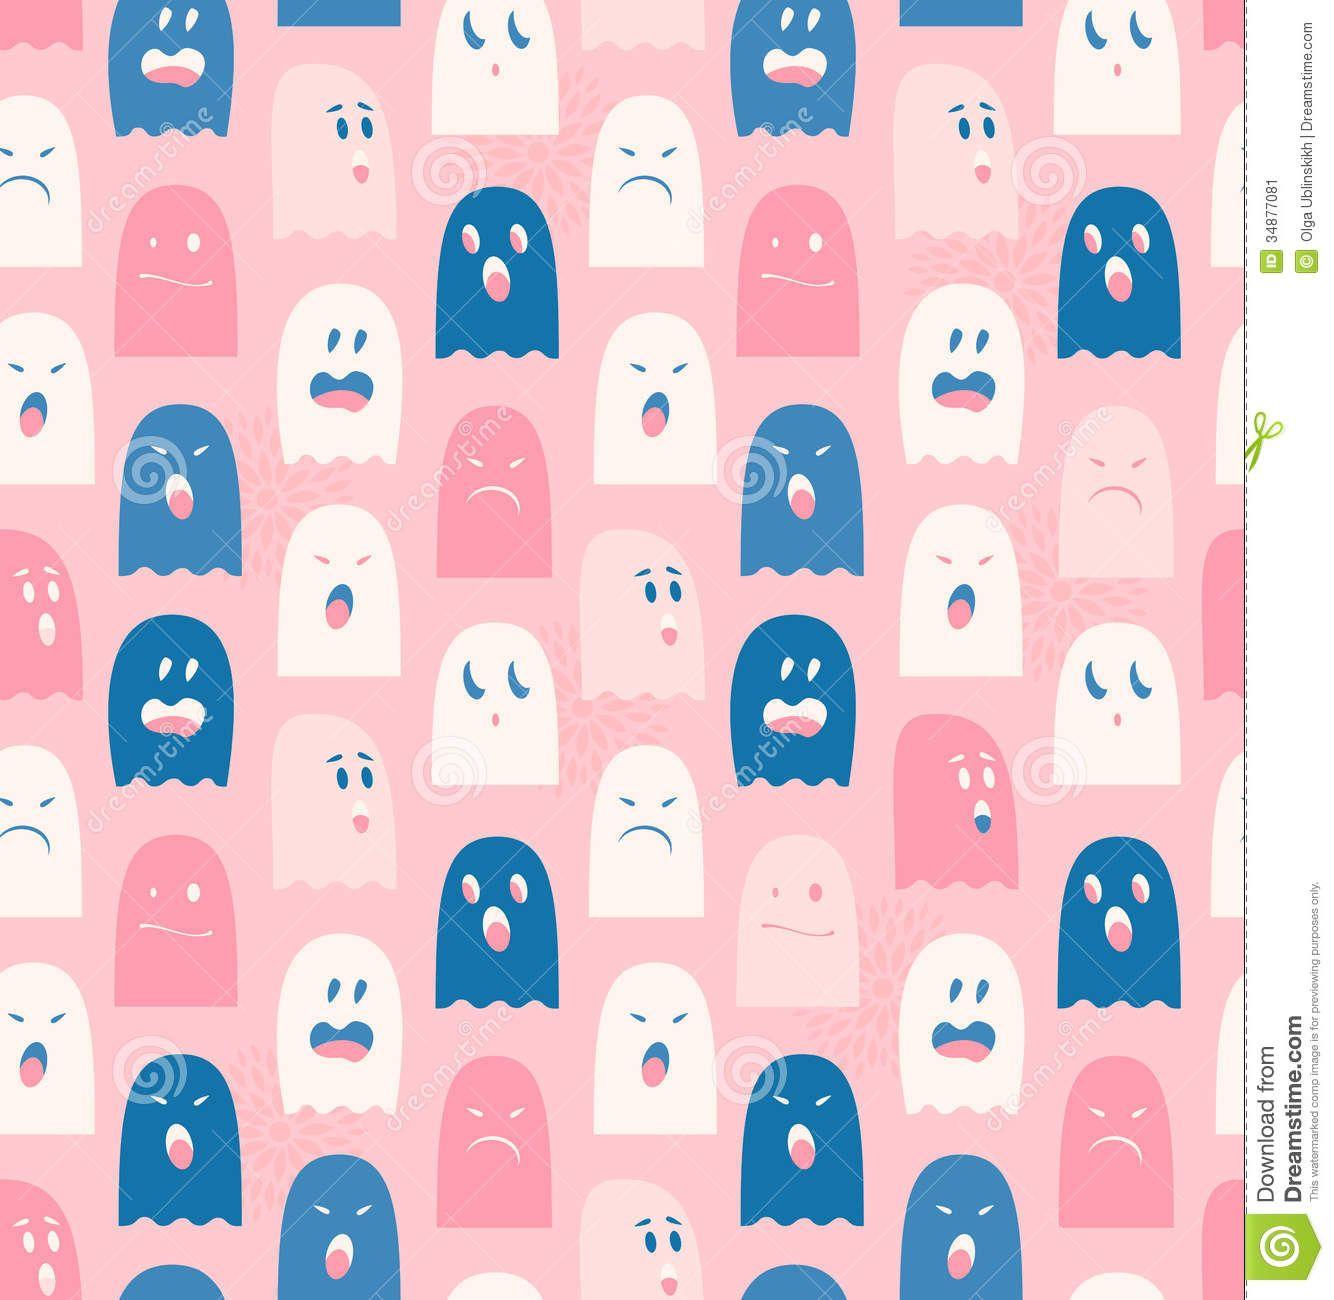 cute seamless background tumblr insharepics cute